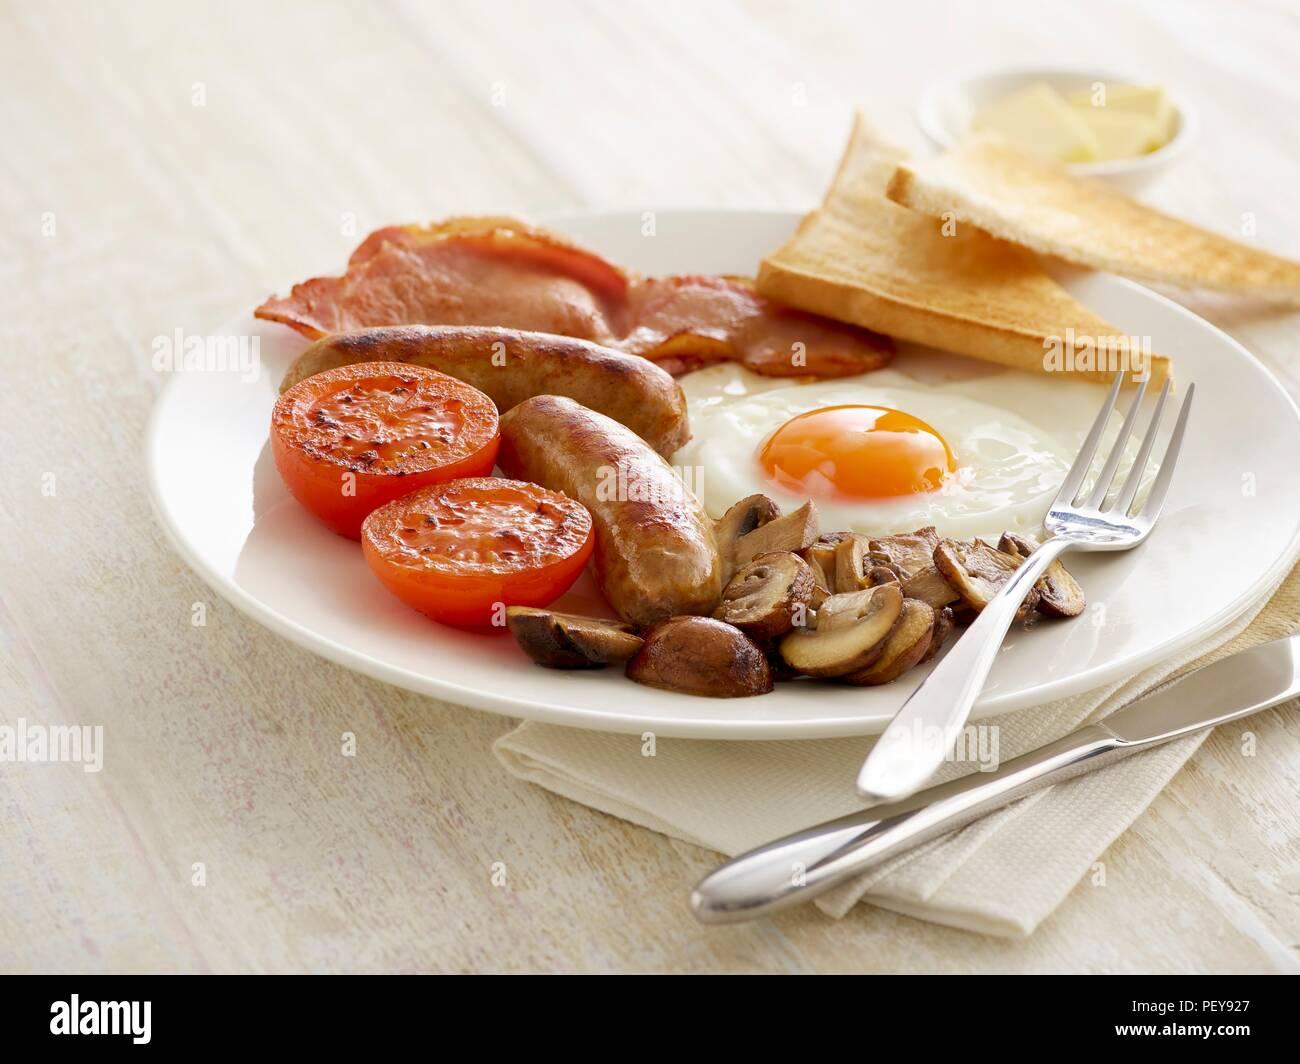 Englisches Frühstück serviert auf einem Teller. Stockbild